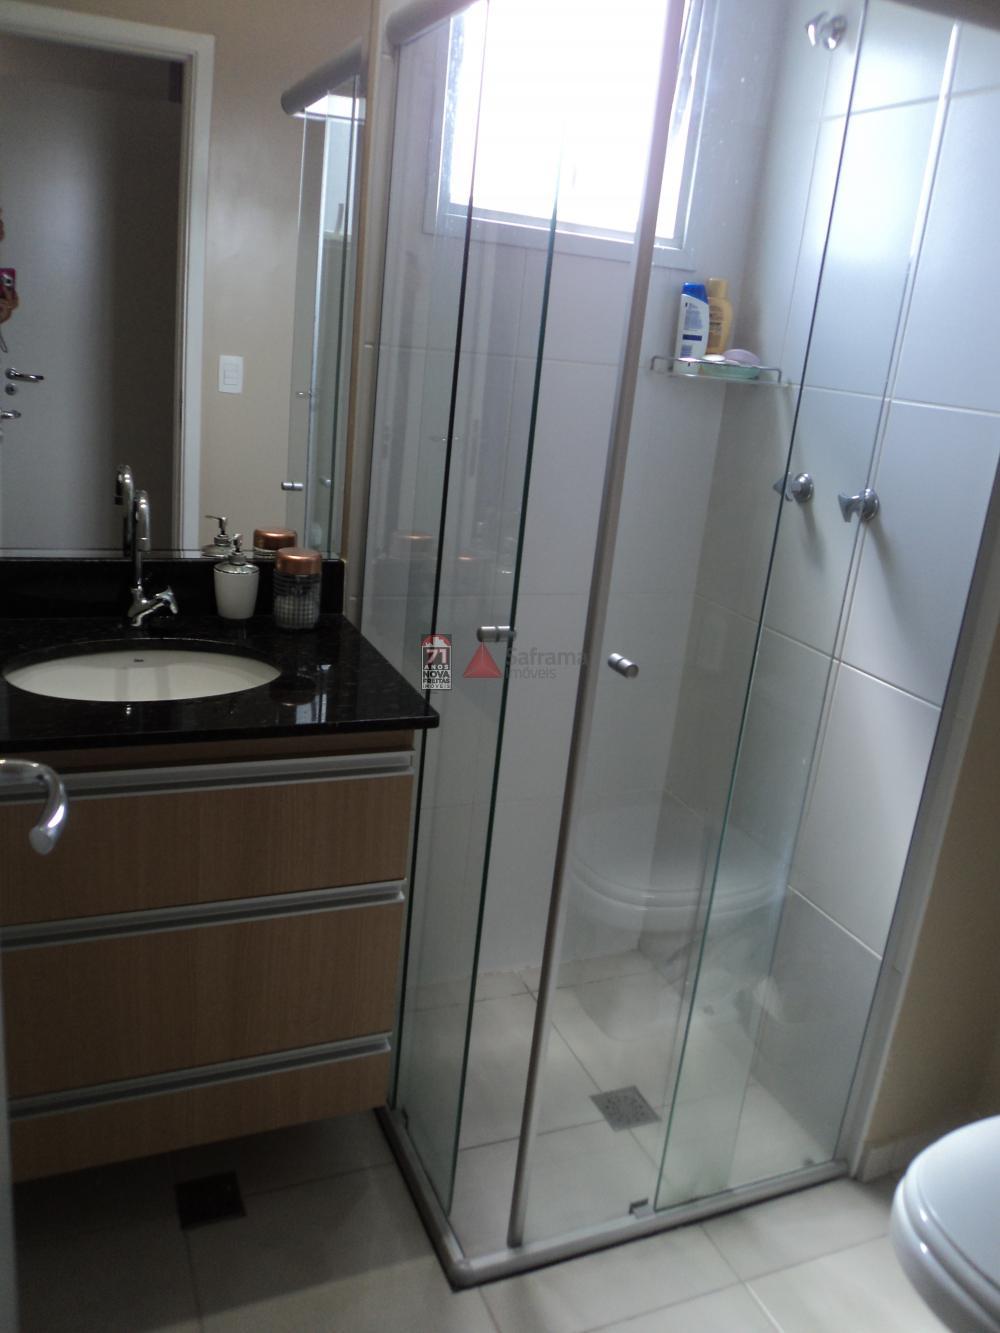 Comprar Apartamento / Padrão em Taubaté R$ 450.000,00 - Foto 15